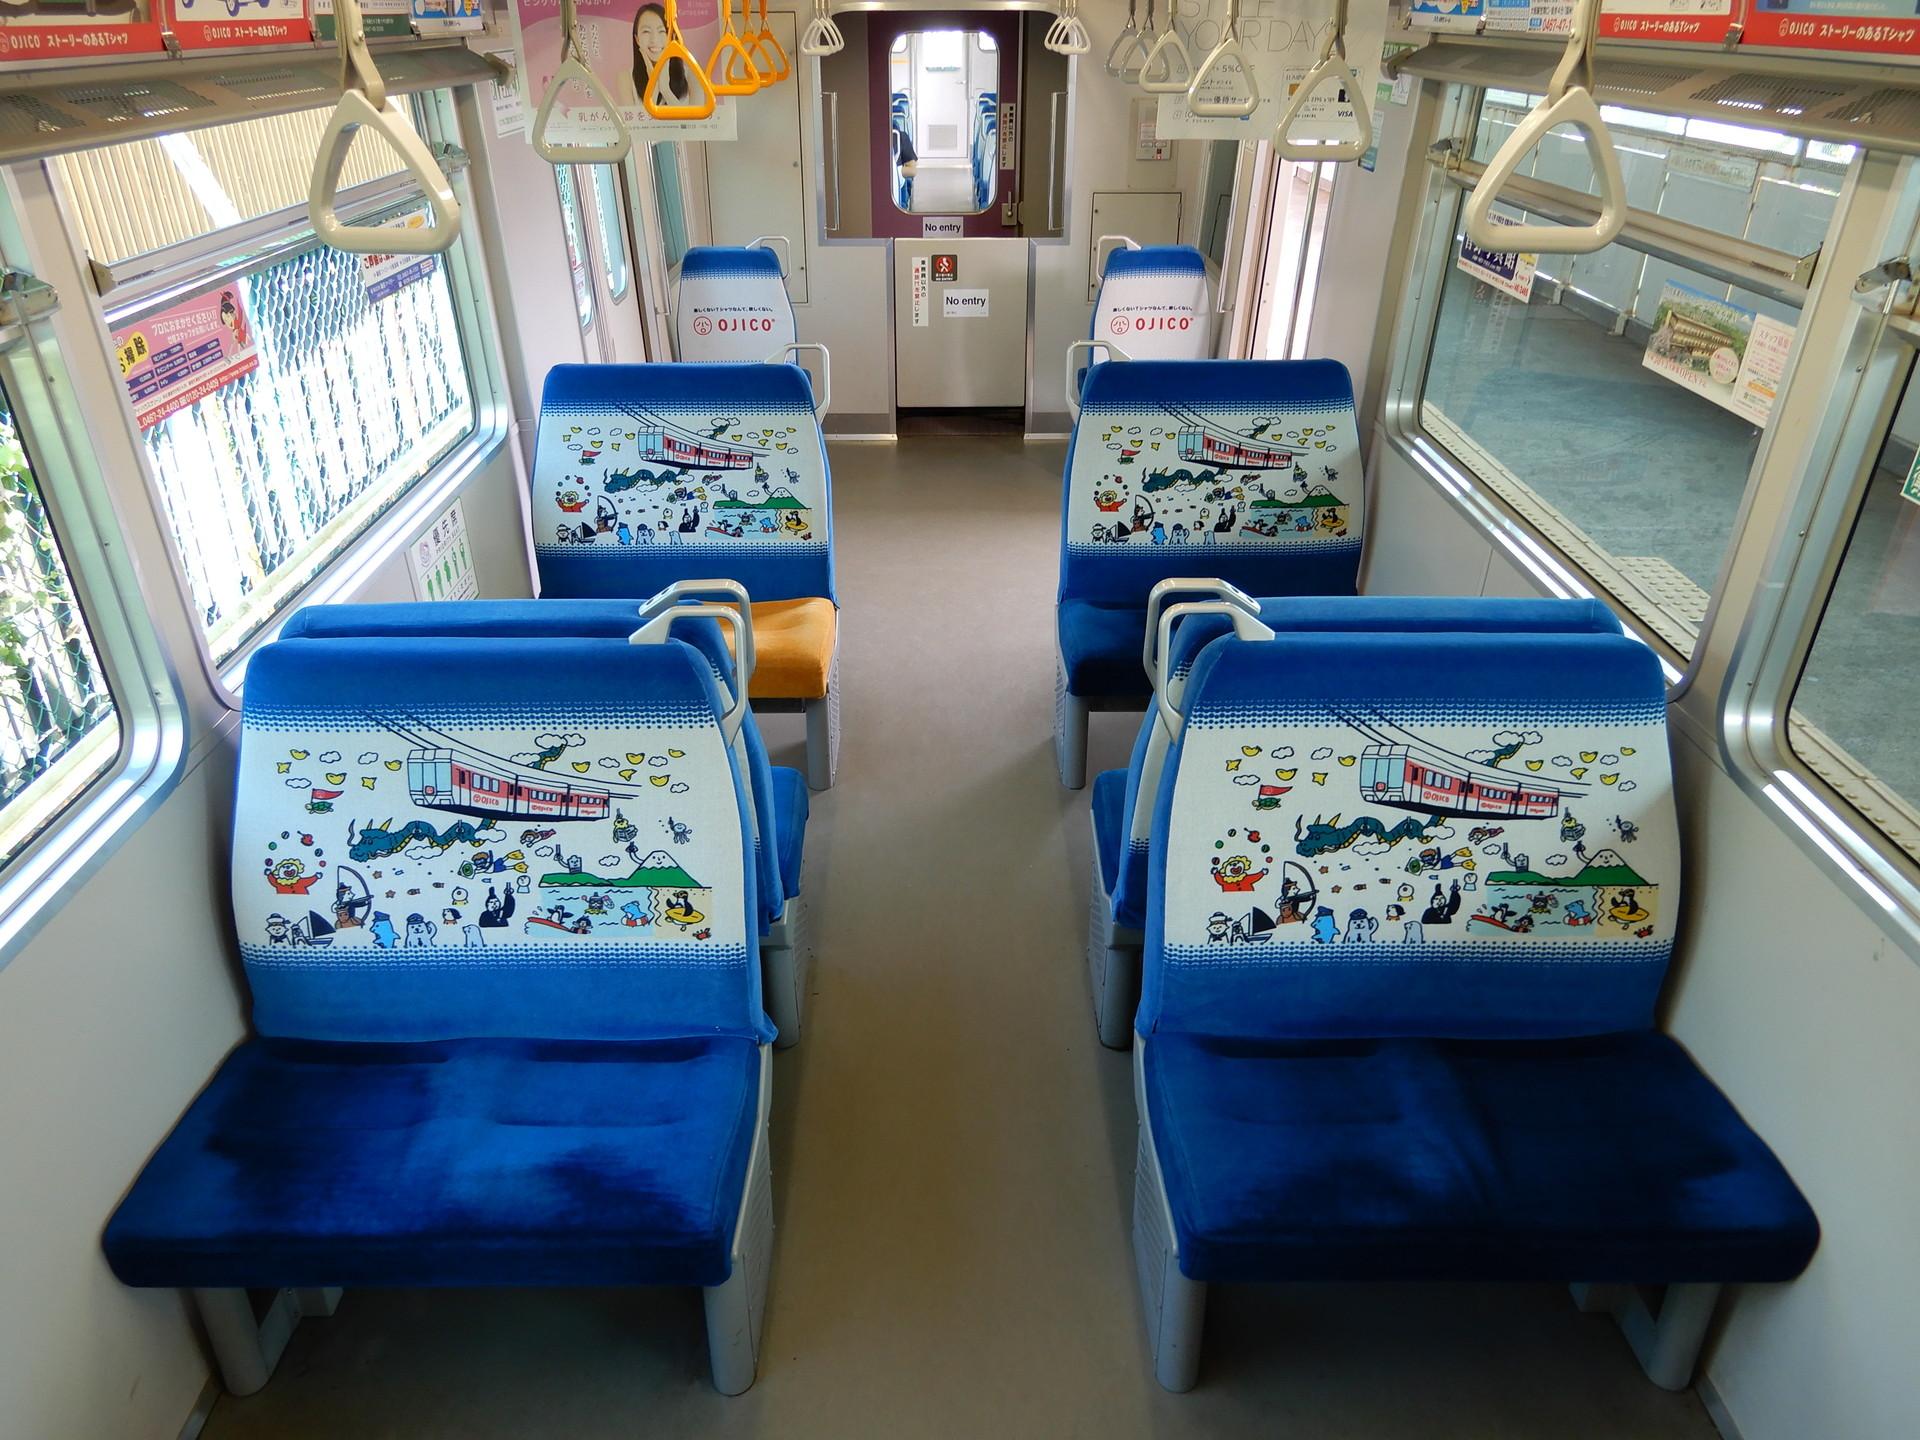 リニューアルされた湘南モノレールOJICOトレインの車内